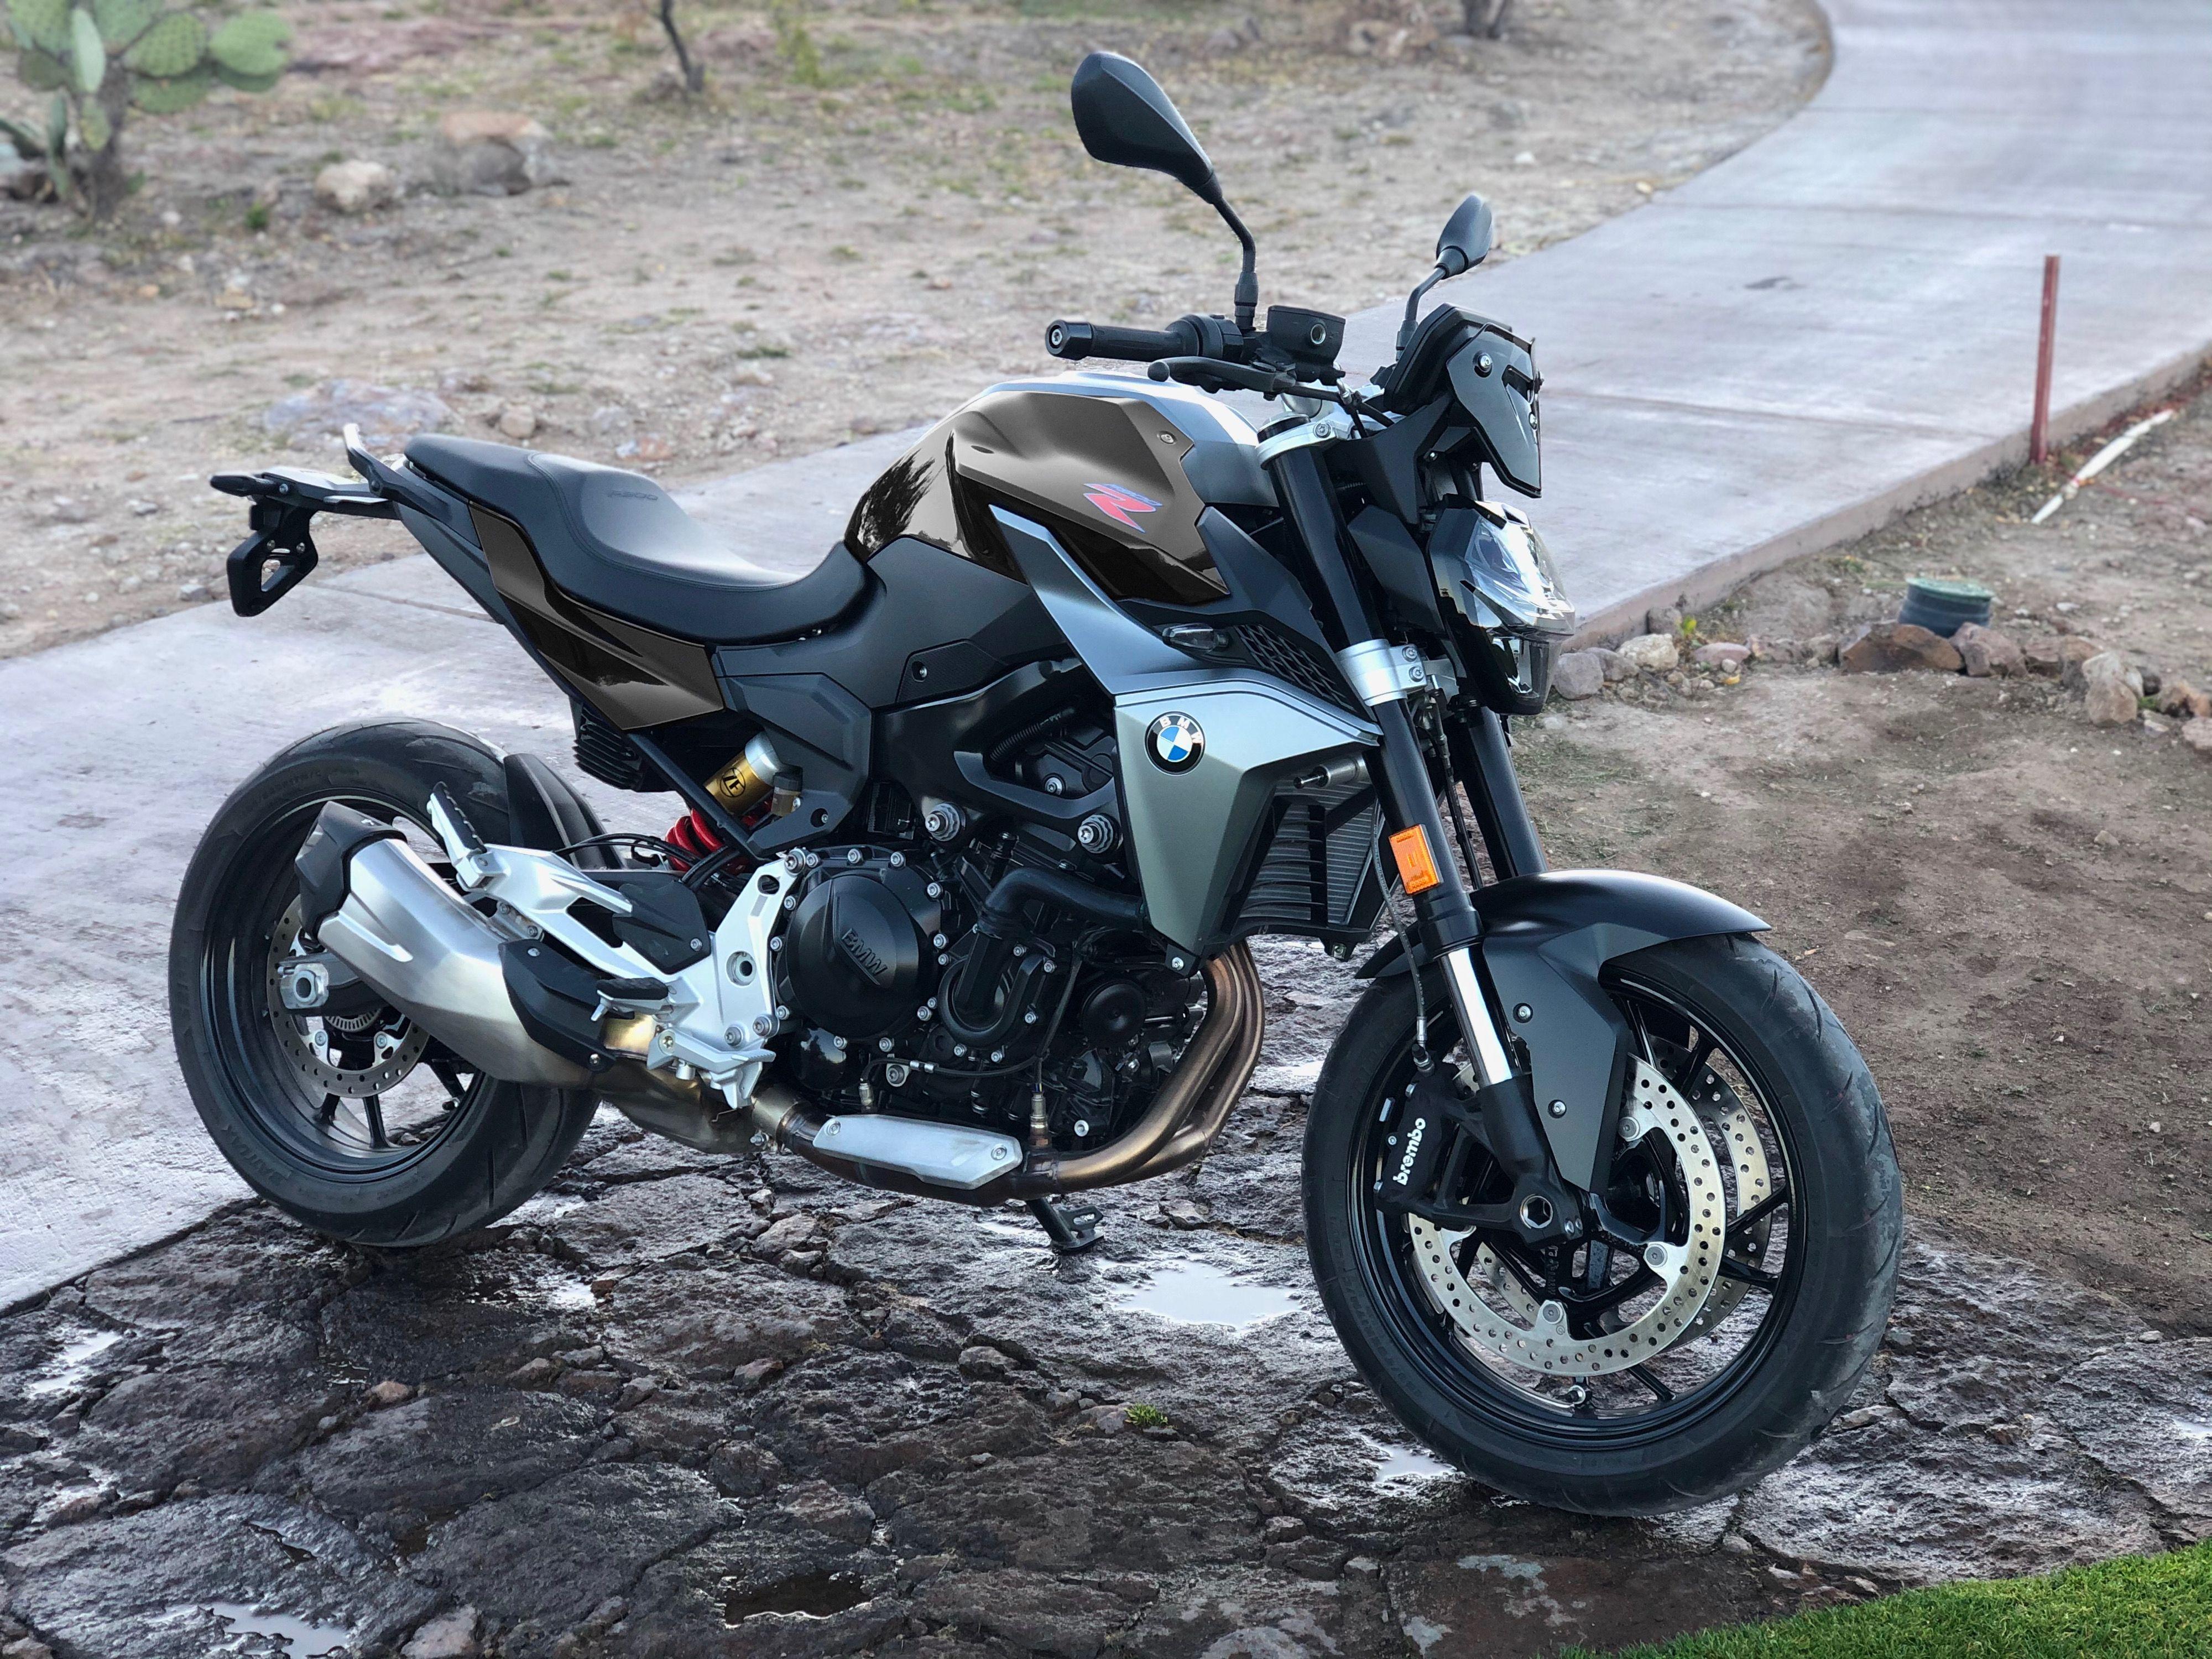 Bmw F 900 R Bmw Motorrad Bmw Motorrad